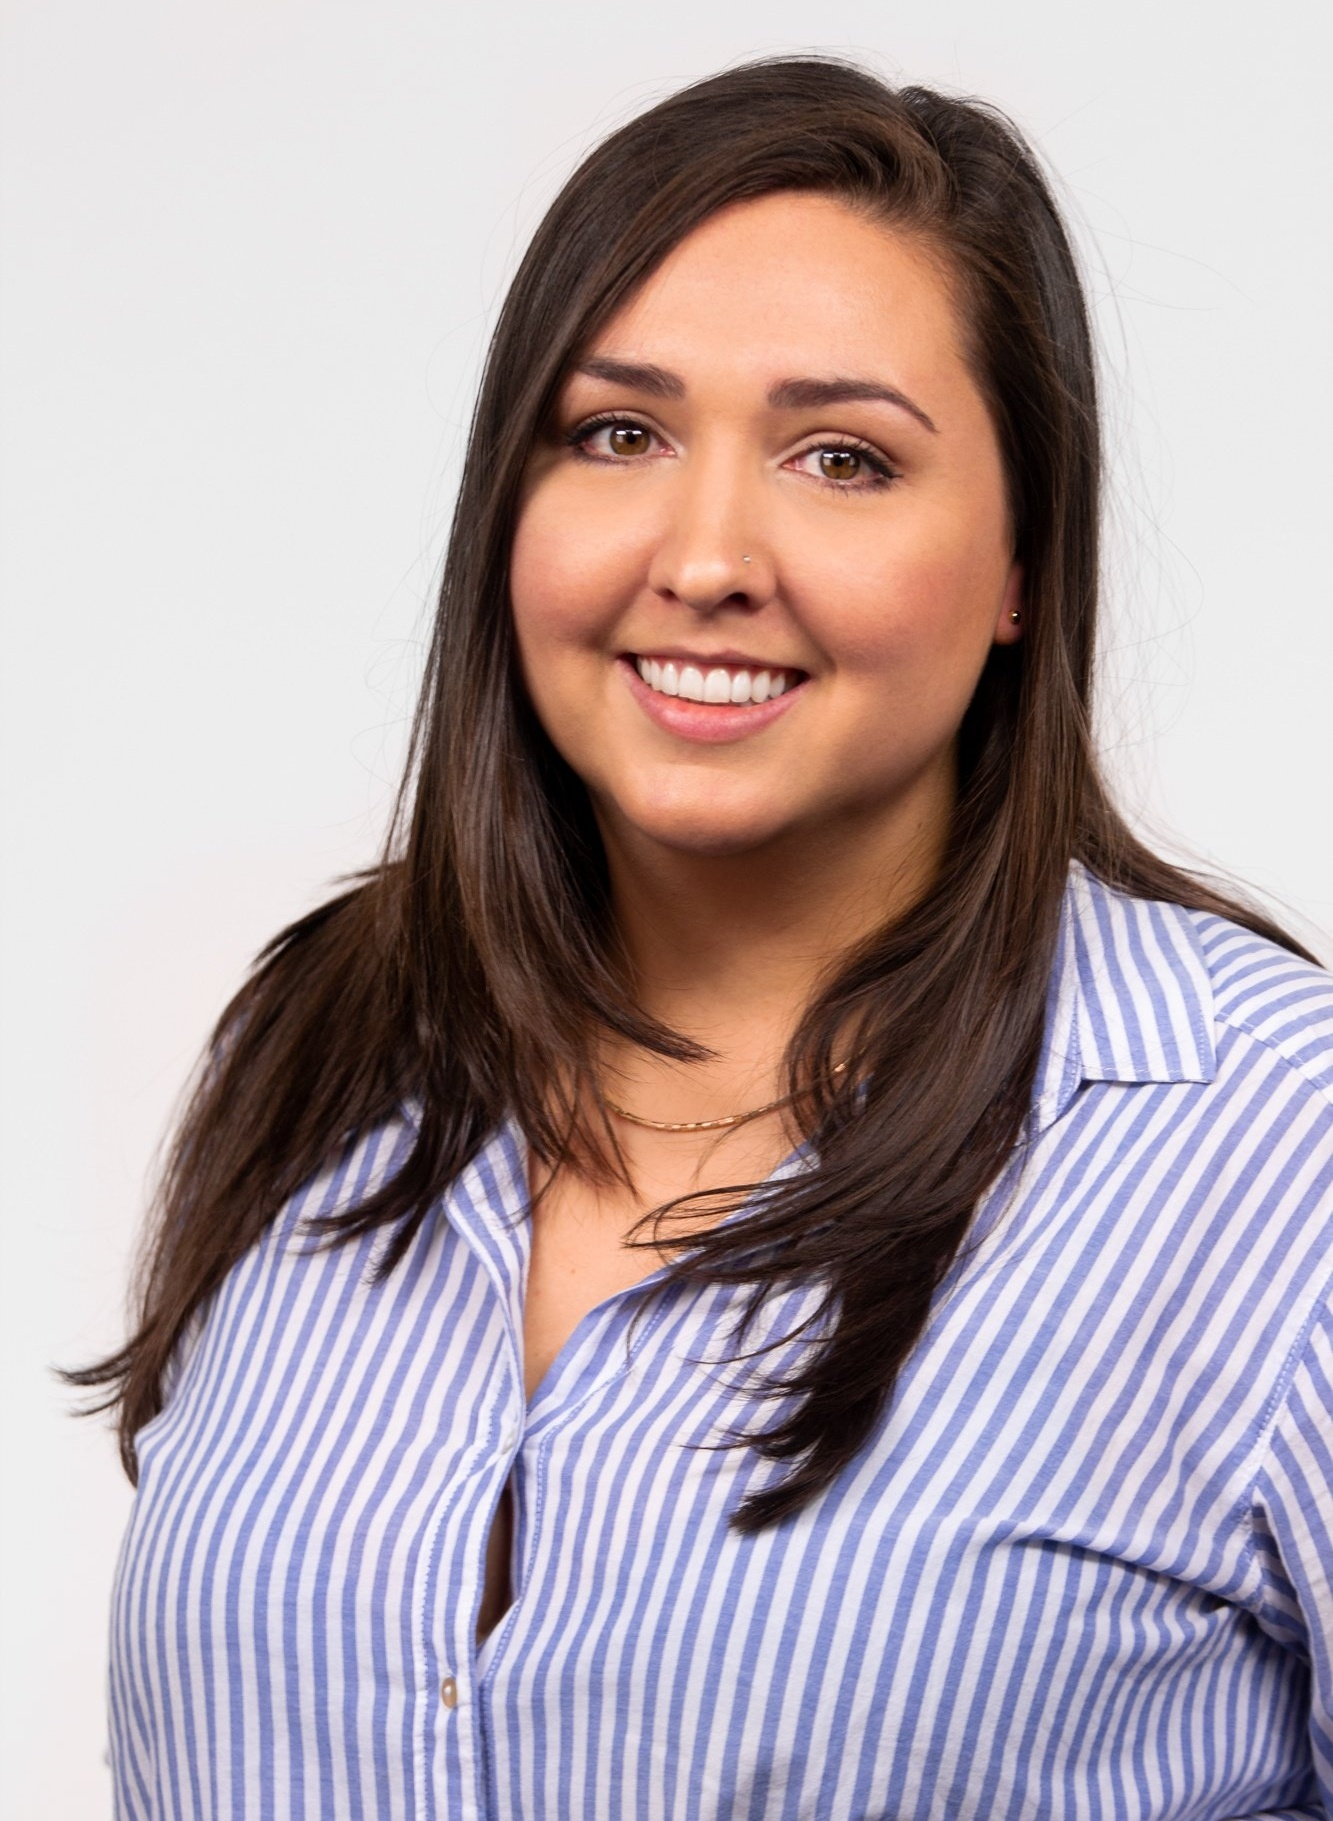 Tara Chawla